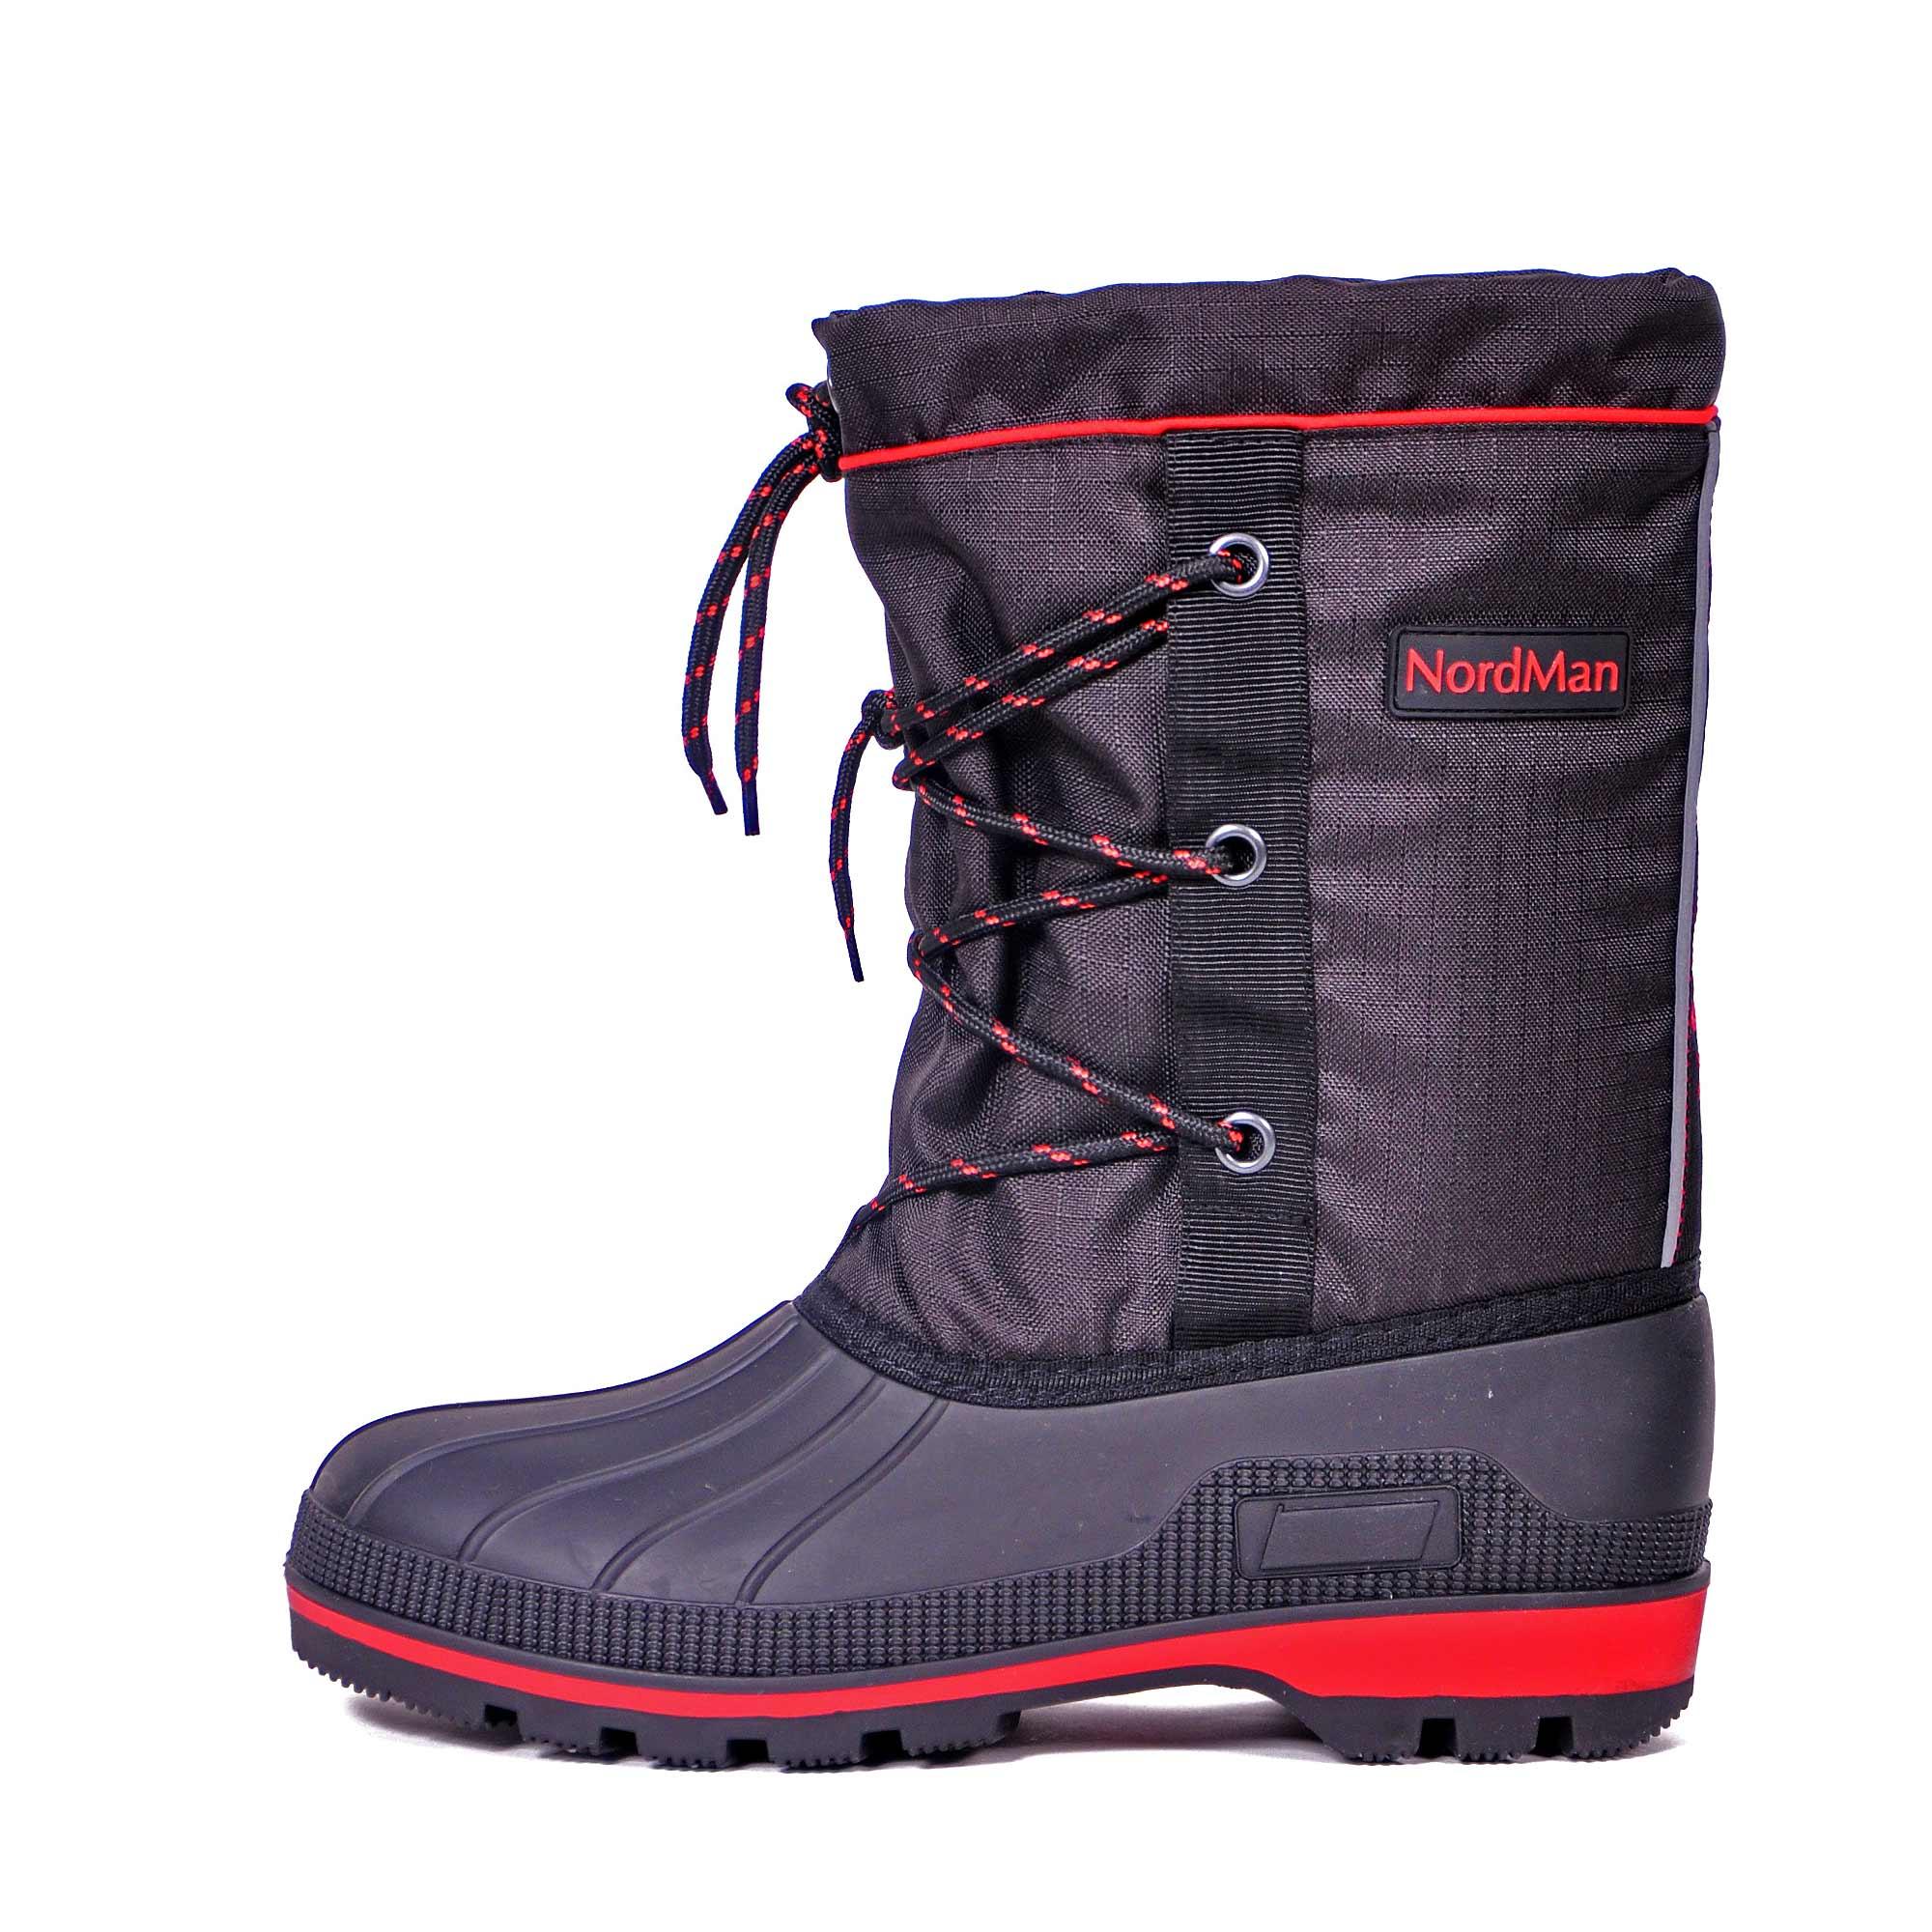 Бахилы для охоты Nordman New Red, на шнуровке, черные, 44 RU